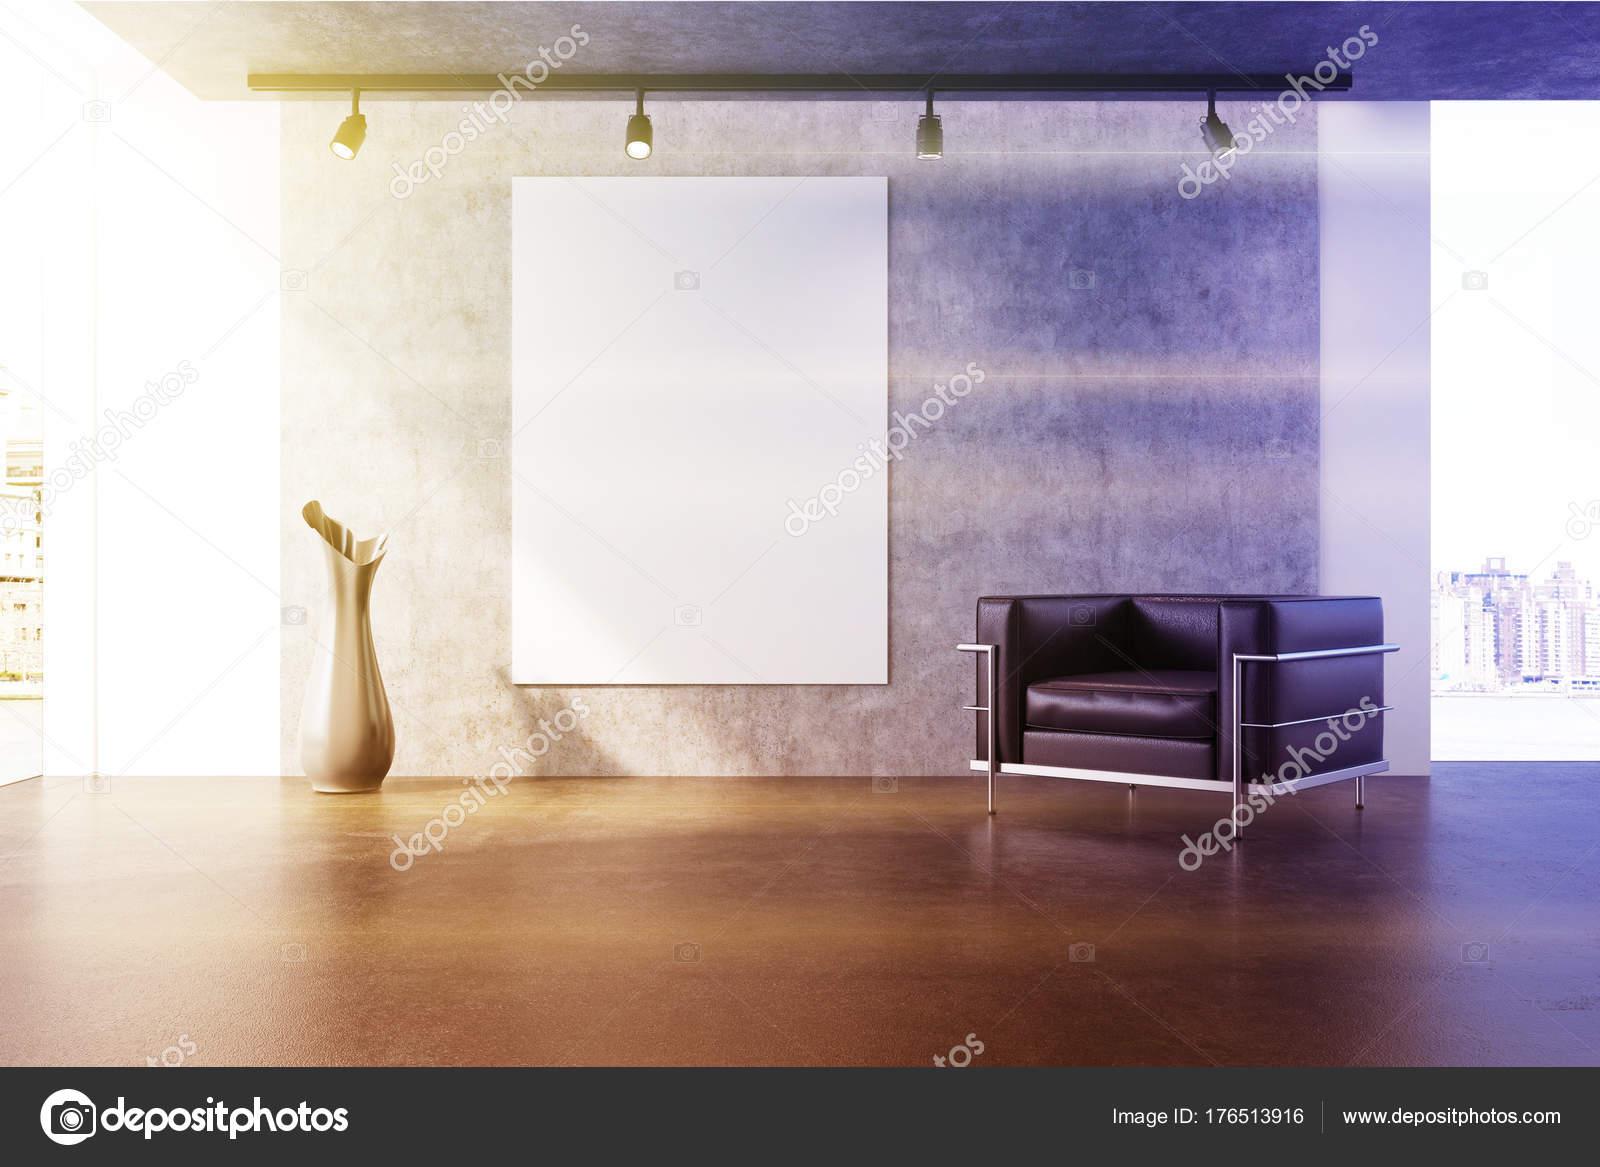 Getönten grauen wohnzimmer sessel plakat u2014 stockfoto